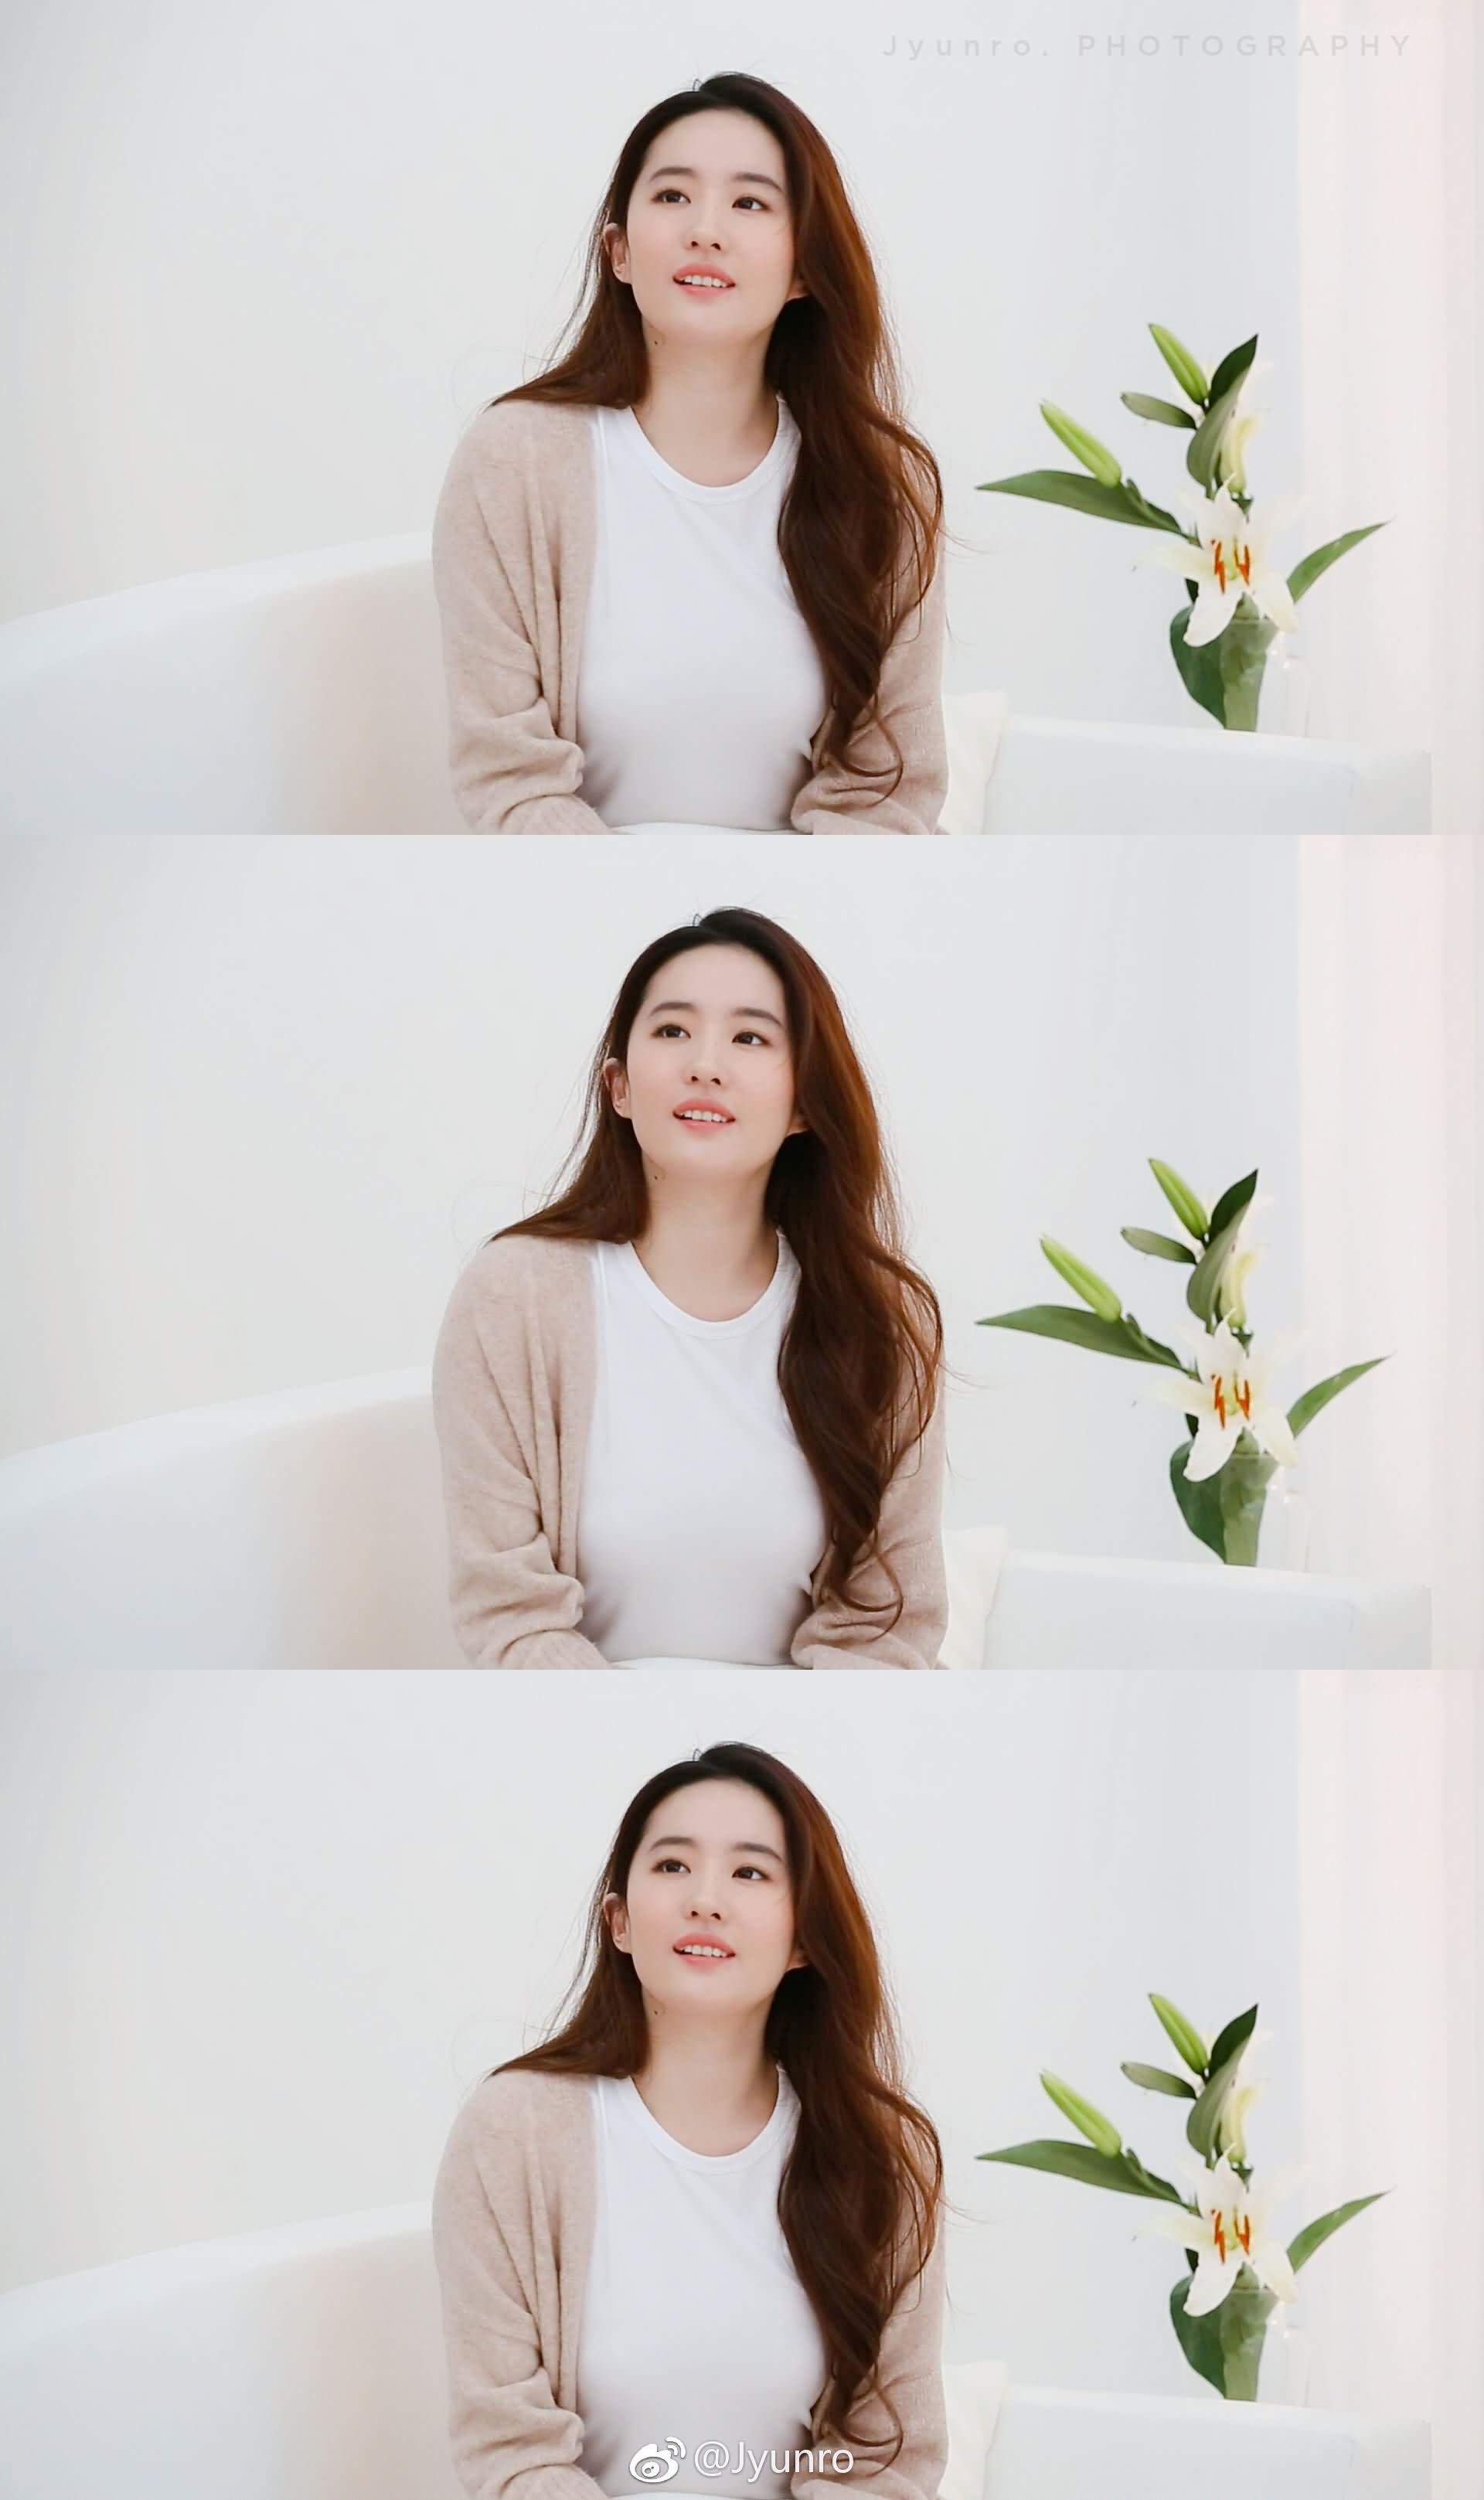 《温碧泉》拍摄花絮影音图,微博去水印超清精选